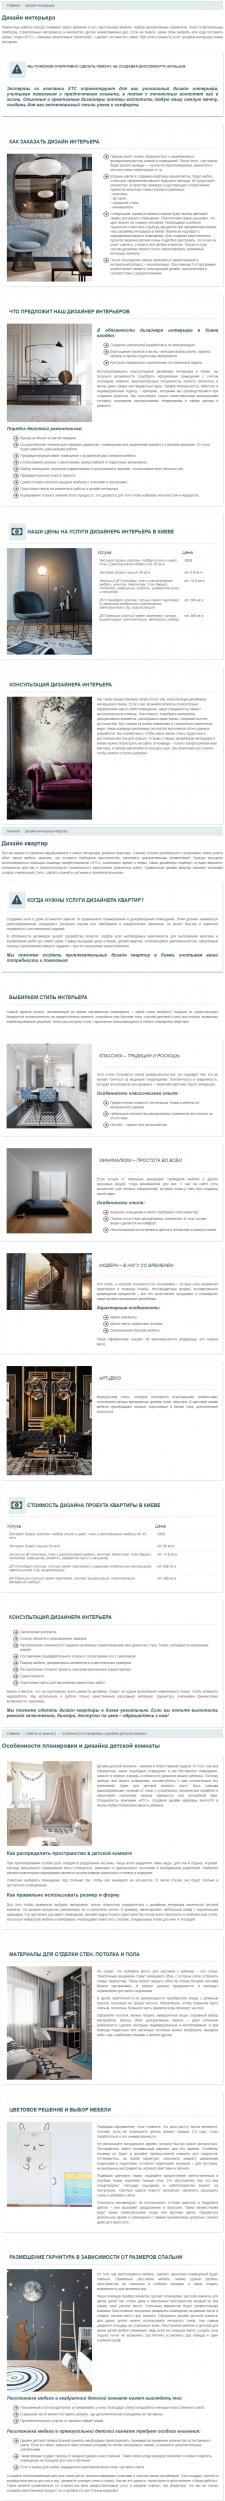 ДИЗАЙН/СТРОИТЕЛЬСТВО | Дизайн интерьеров